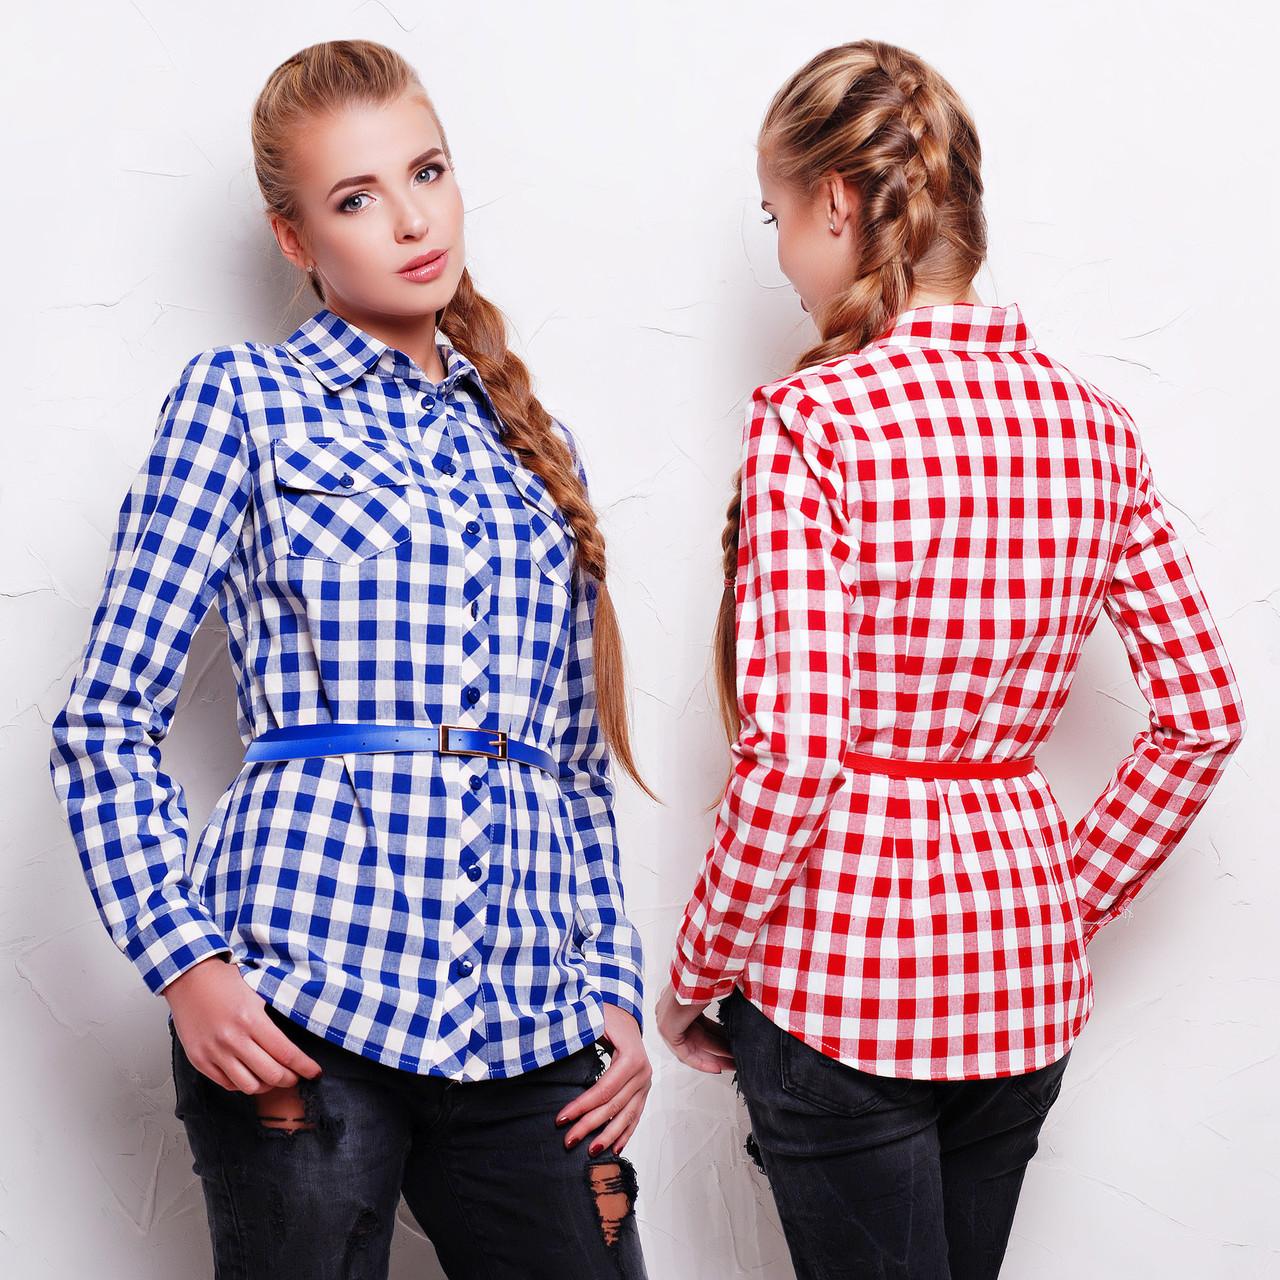 ccf87a961a4 Купить Женская удлиненная клетчатая рубашка из фланели с ремешком по ...